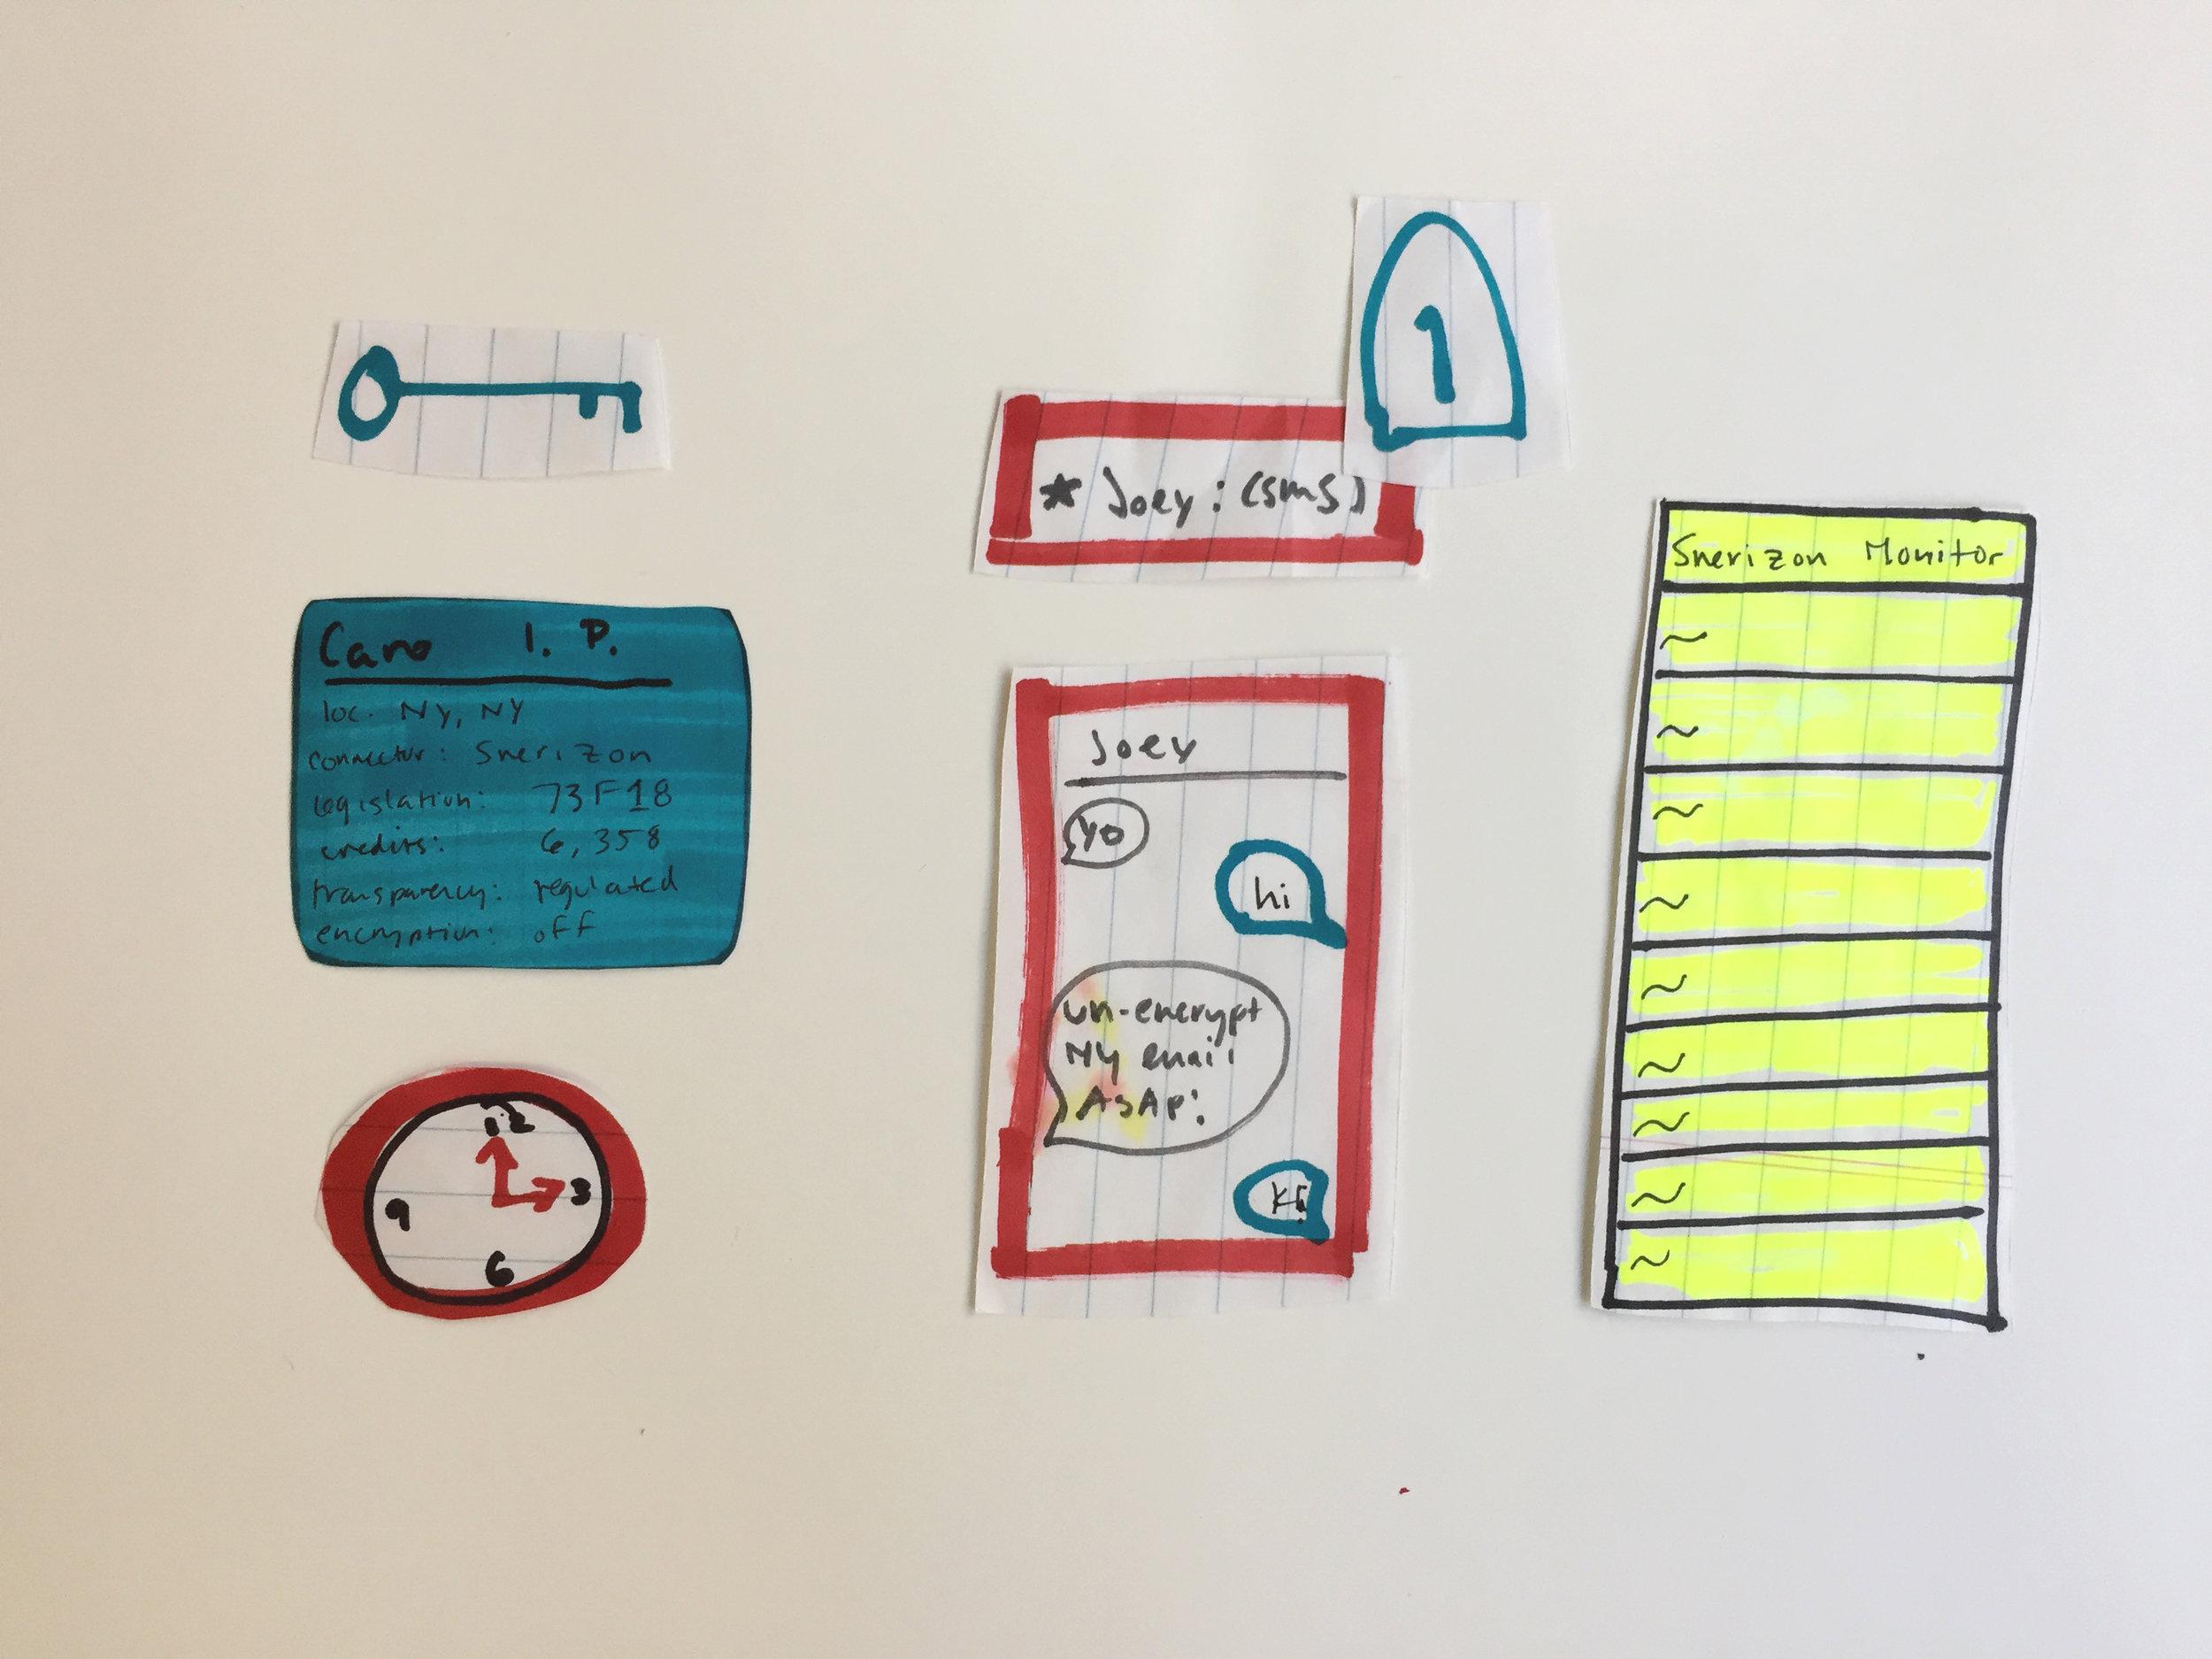 Paper prototypes of UI modules.